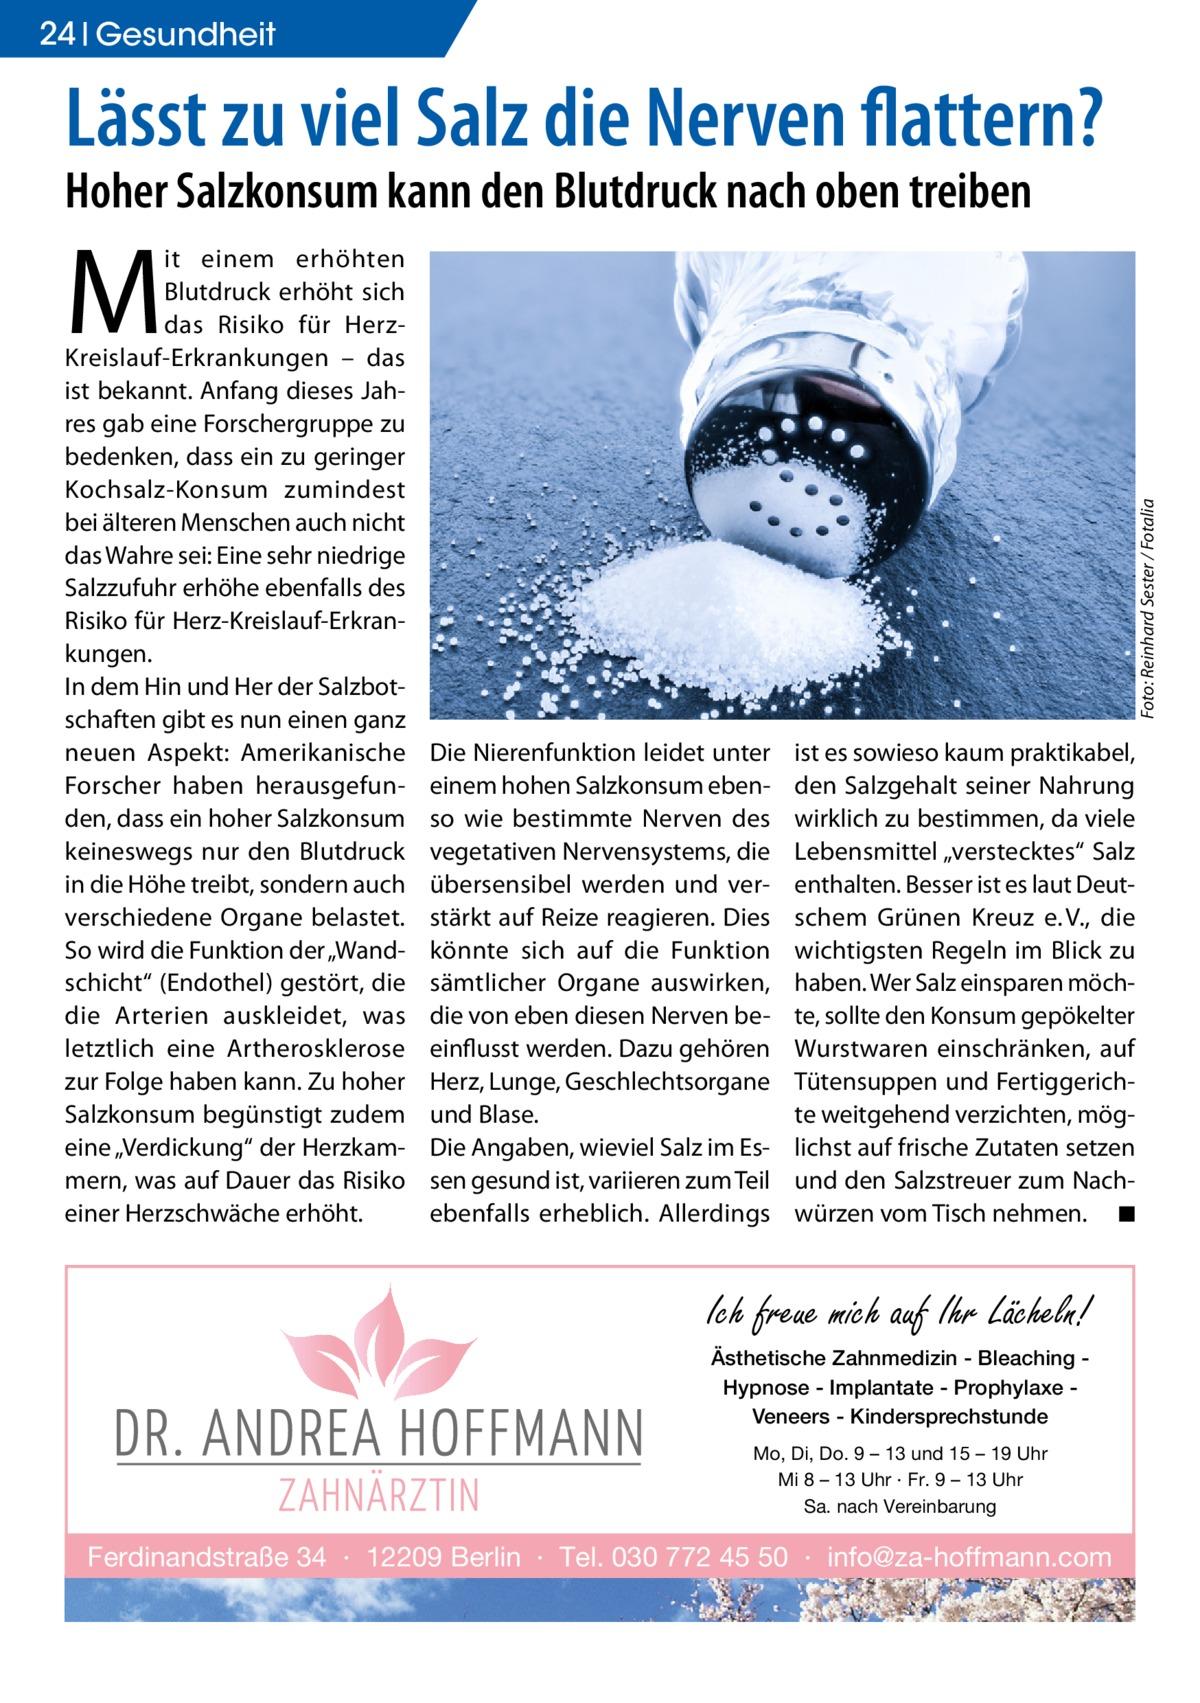 """24 Gesundheit  Lässt zu viel Salz die Nerven flattern? Hoher Salzkonsum kann den Blutdruck nach oben treiben  Foto: Reinhard Sester / Fotalia  M  it einem erhöhten Blutdruck erhöht sich das Risiko für HerzKreislauf-Erkrankungen – das ist bekannt. Anfang dieses Jahres gab eine Forschergruppe zu bedenken, dass ein zu geringer Kochsalz-Konsum zumindest bei älteren Menschen auch nicht das Wahre sei: Eine sehr niedrige Salzzufuhr erhöhe ebenfalls des Risiko für Herz-Kreislauf-Erkrankungen. In dem Hin und Her der Salzbotschaften gibt es nun einen ganz neuen Aspekt: Amerikanische Forscher haben herausgefunden, dass ein hoher Salzkonsum keineswegs nur den Blutdruck in die Höhe treibt, sondern auch verschiedene Organe belastet. So wird die Funktion der """"Wandschicht"""" (Endothel) gestört, die die Arterien auskleidet, was letztlich eine Artherosklerose zur Folge haben kann. Zu hoher Salzkonsum begünstigt zudem eine """"Verdickung"""" der Herzkammern, was auf Dauer das Risiko einer Herzschwäche erhöht.  Die Nierenfunktion leidet unter einem hohen Salzkonsum ebenso wie bestimmte Nerven des vegetativen Nervensystems, die übersensibel werden und verstärkt auf Reize reagieren. Dies könnte sich auf die Funktion sämtlicher Organe auswirken, die von eben diesen Nerven beeinflusst werden. Dazu gehören Herz, Lunge, Geschlechtsorgane und Blase. Die Angaben, wieviel Salz im Essen gesund ist, variieren zum Teil ebenfalls erheblich. Allerdings  ist es sowieso kaum praktikabel, den Salzgehalt seiner Nahrung wirklich zu bestimmen, da viele Lebensmittel """"verstecktes"""" Salz enthalten. Besser ist es laut Deutschem Grünen Kreuz e.V., die wichtigsten Regeln im Blick zu haben. Wer Salz einsparen möchte, sollte den Konsum gepökelter Wurstwaren einschränken, auf Tütensuppen und Fertiggerichte weitgehend verzichten, möglichst auf frische Zutaten setzen und den Salzstreuer zum Nachwürzen vom Tisch nehmen. � ◾  Ich freue mich auf Ihr Lächeln! Ästhetische Zahnmedizin - Bleaching Hypnose - Implantate - Prophylaxe """